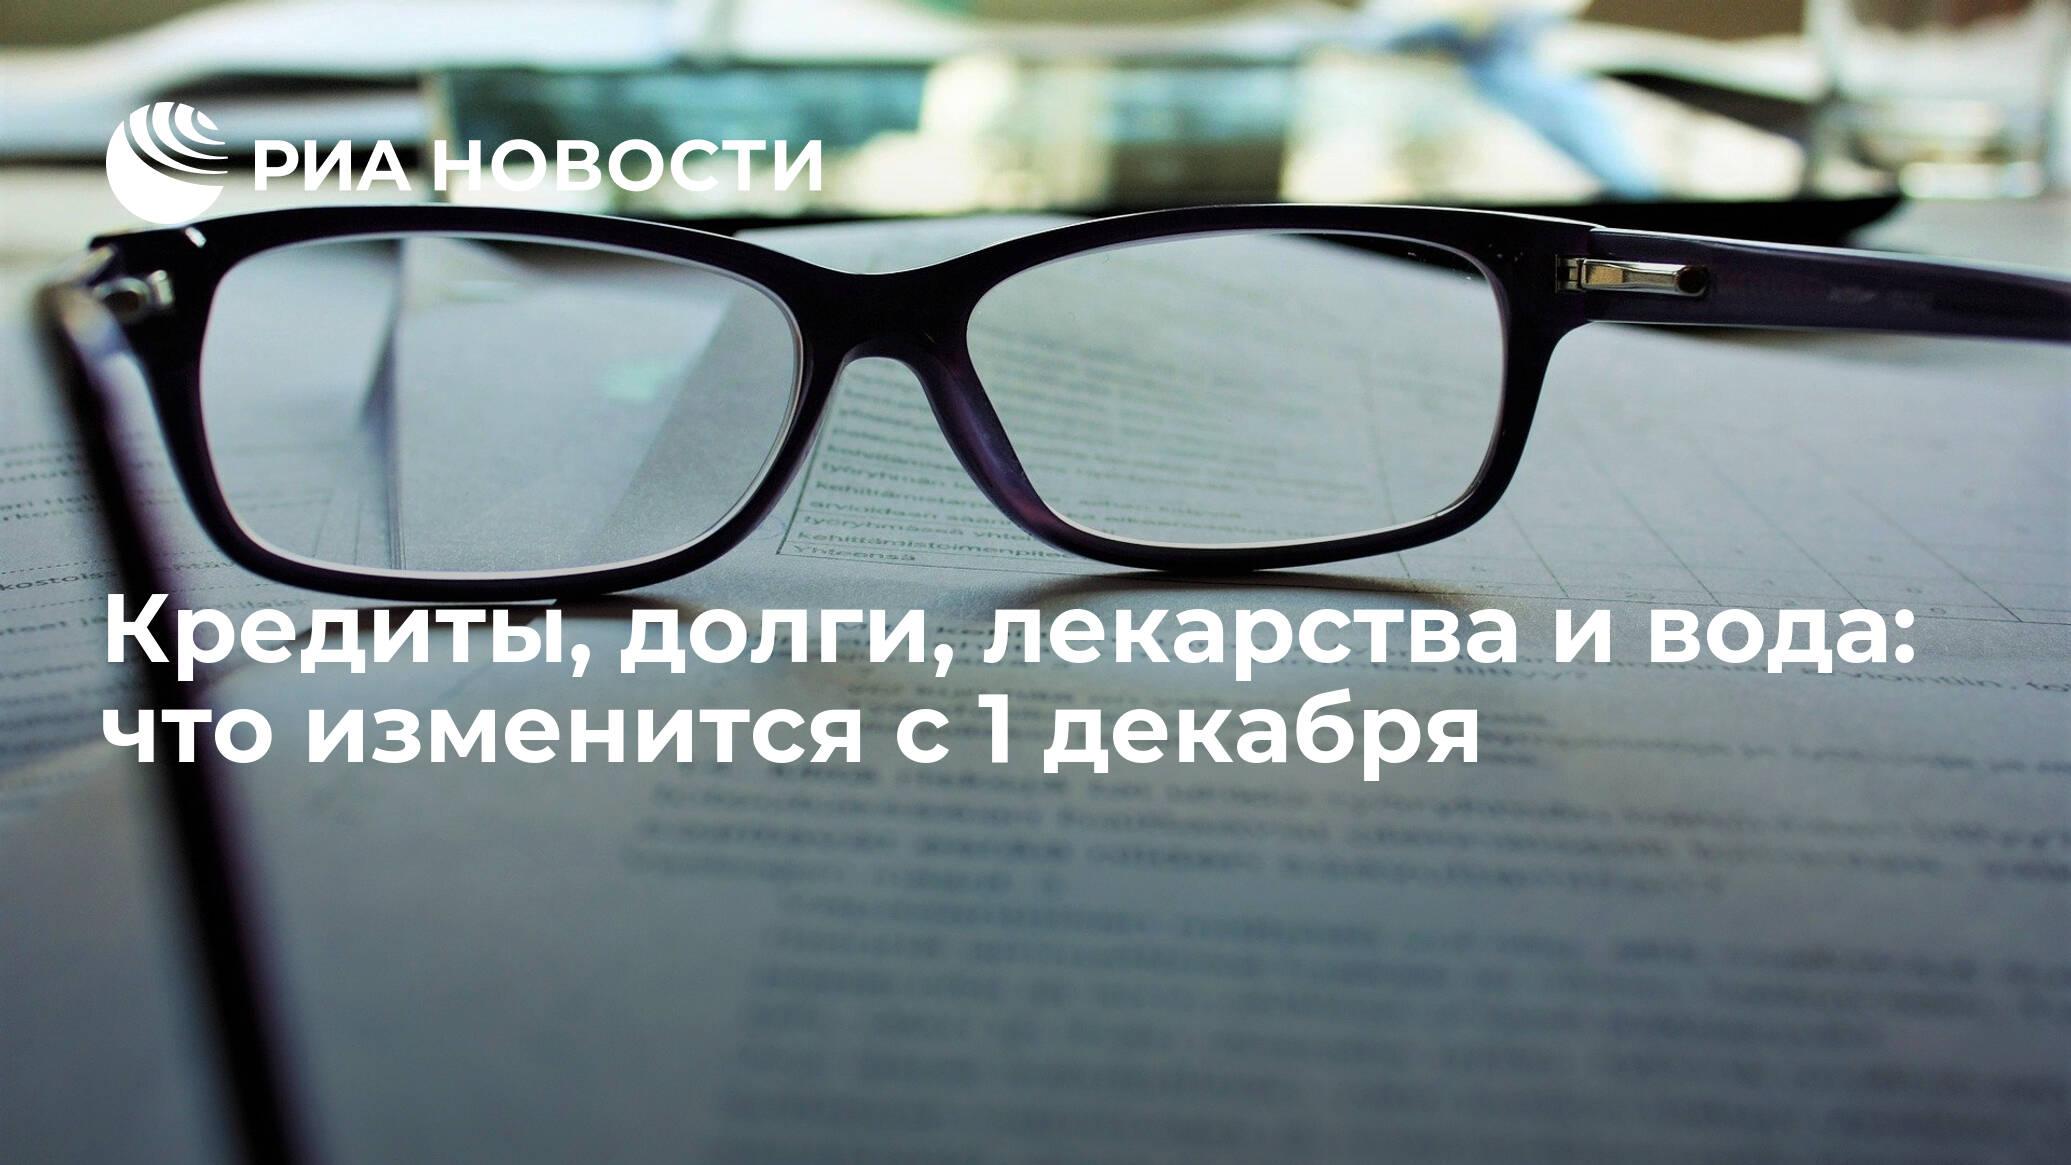 Онлайн калькулятор кредита россия